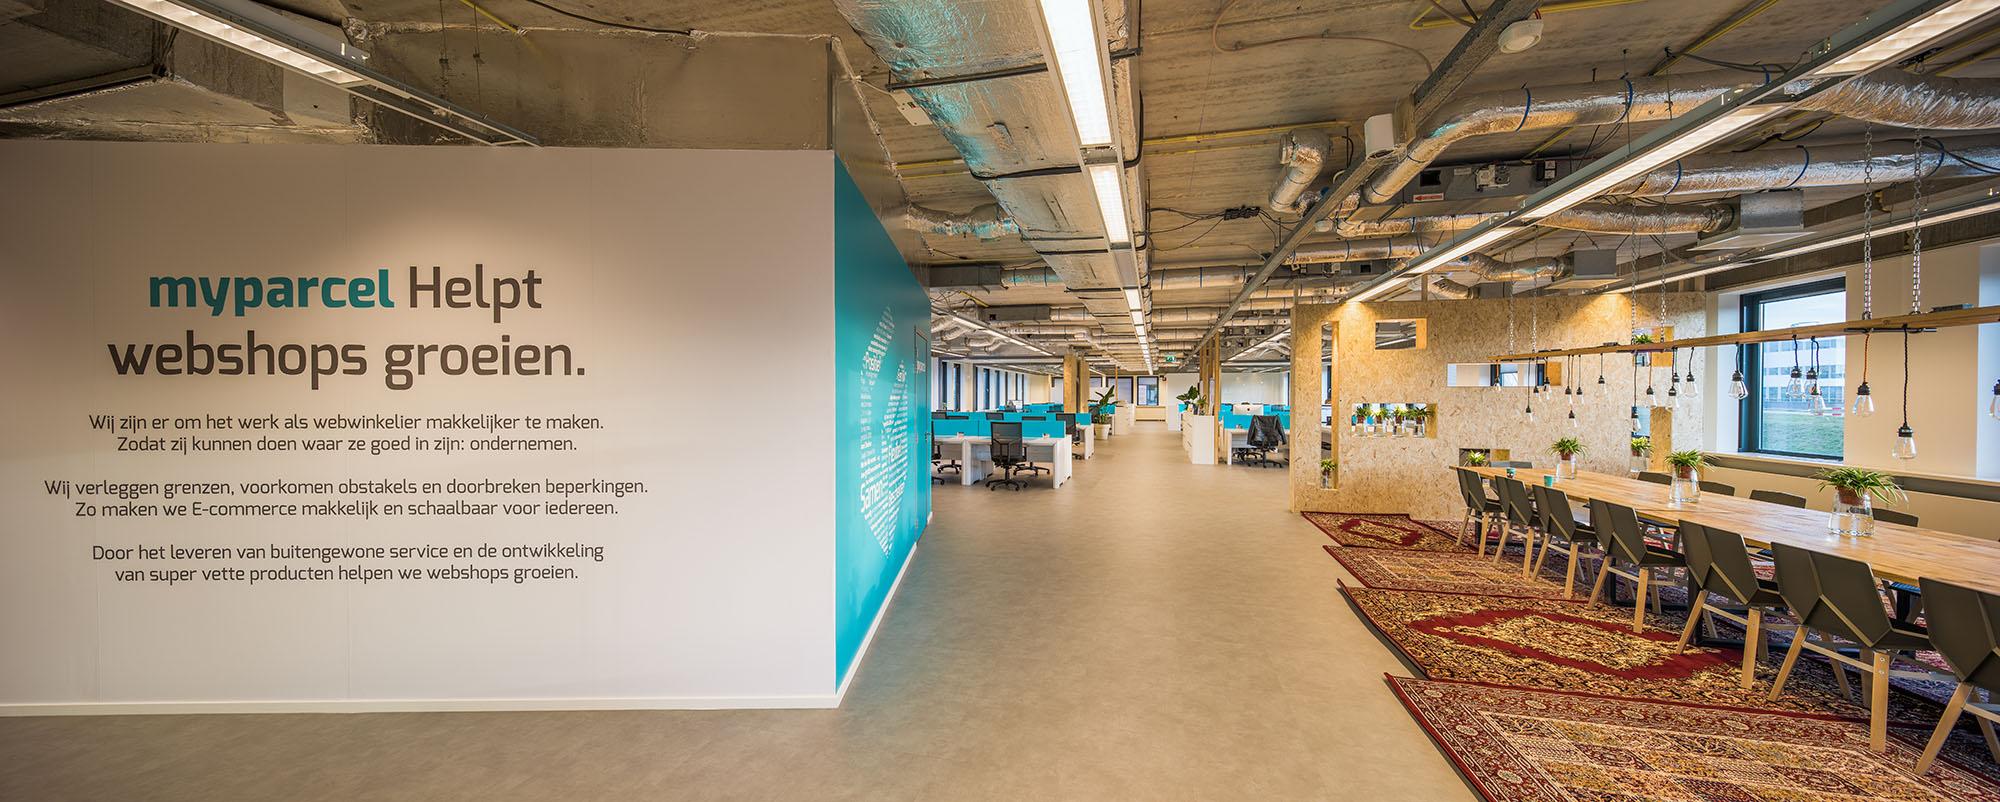 Ons kantoor in Hoofddorp.jpg